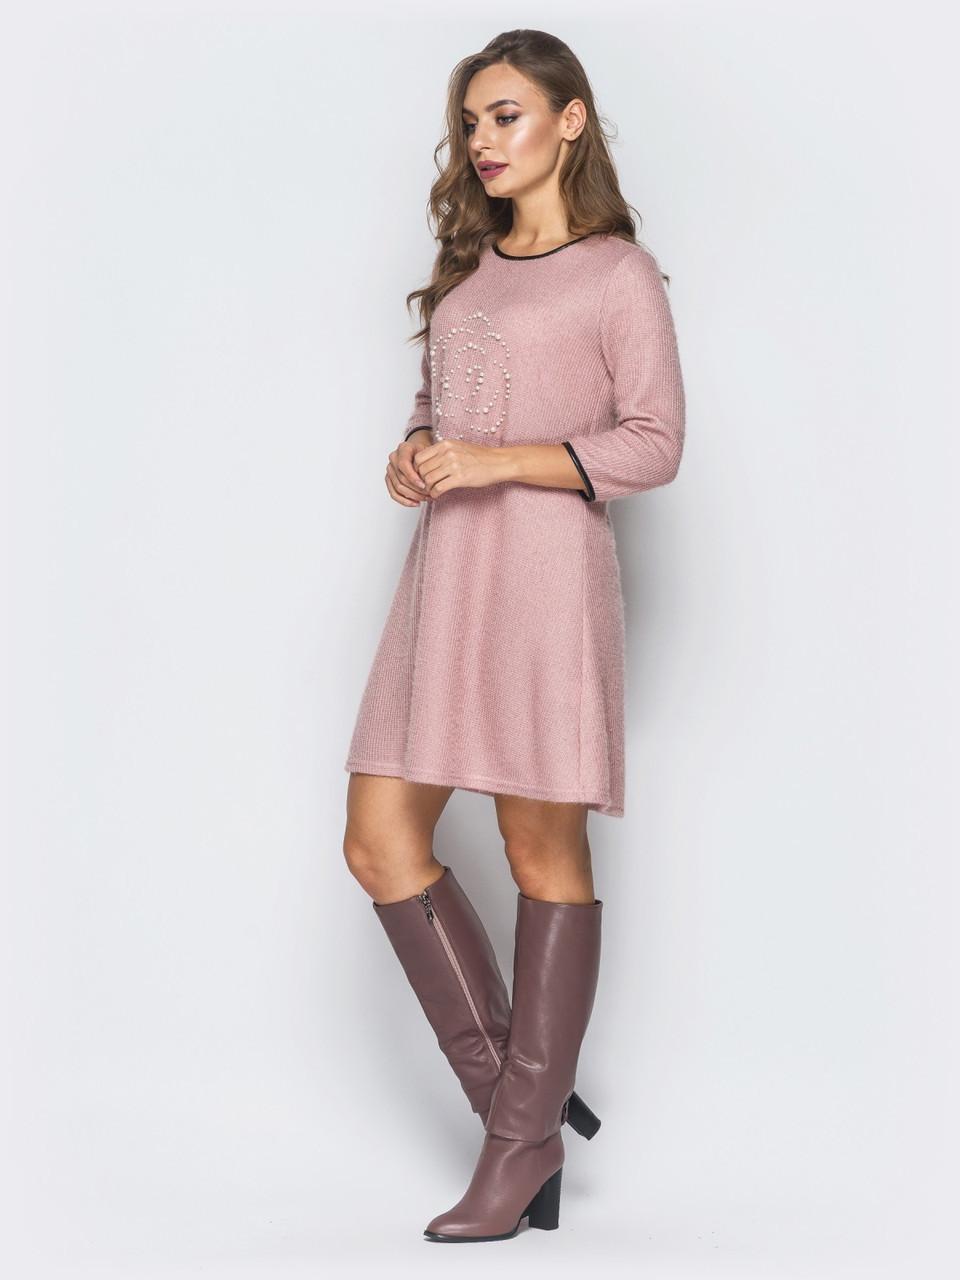 dba25be9149 👶Трикотажное розовое платье с обтачкой из эко-кожи (платье-трапеция ...